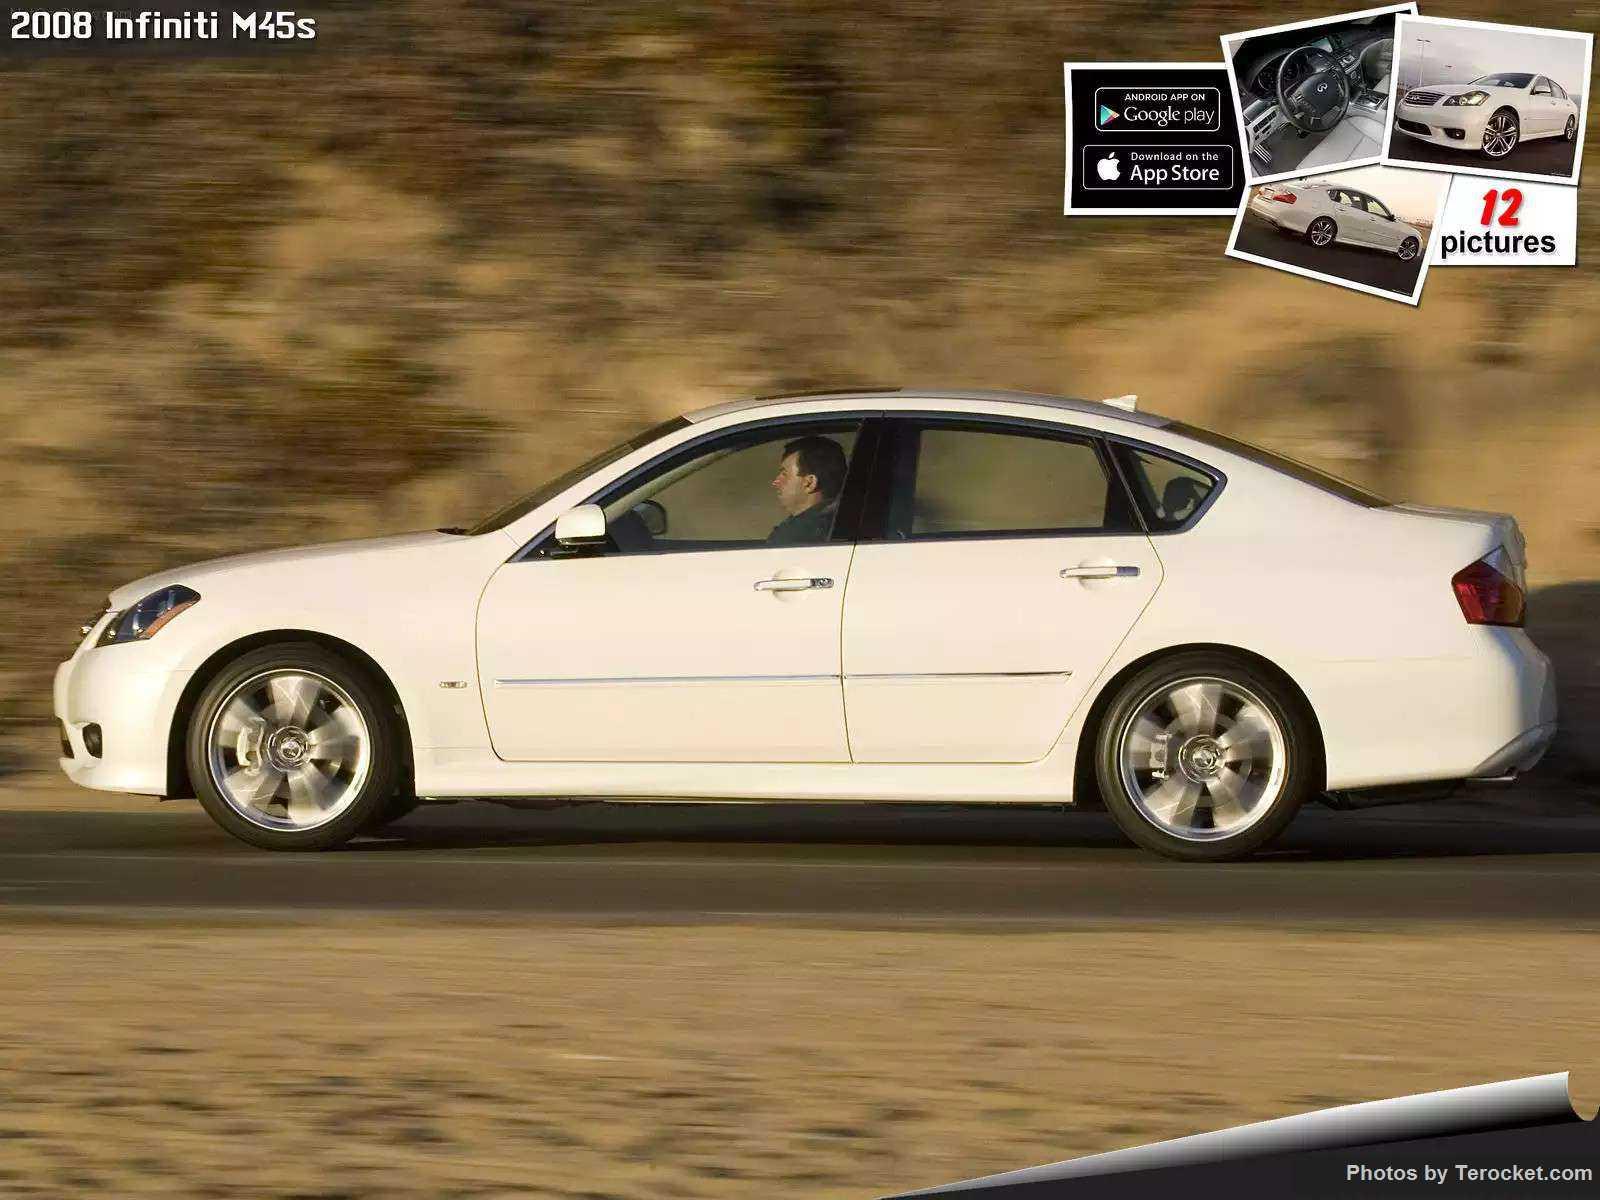 Hình ảnh xe ô tô Infiniti M45s 2008 & nội ngoại thất